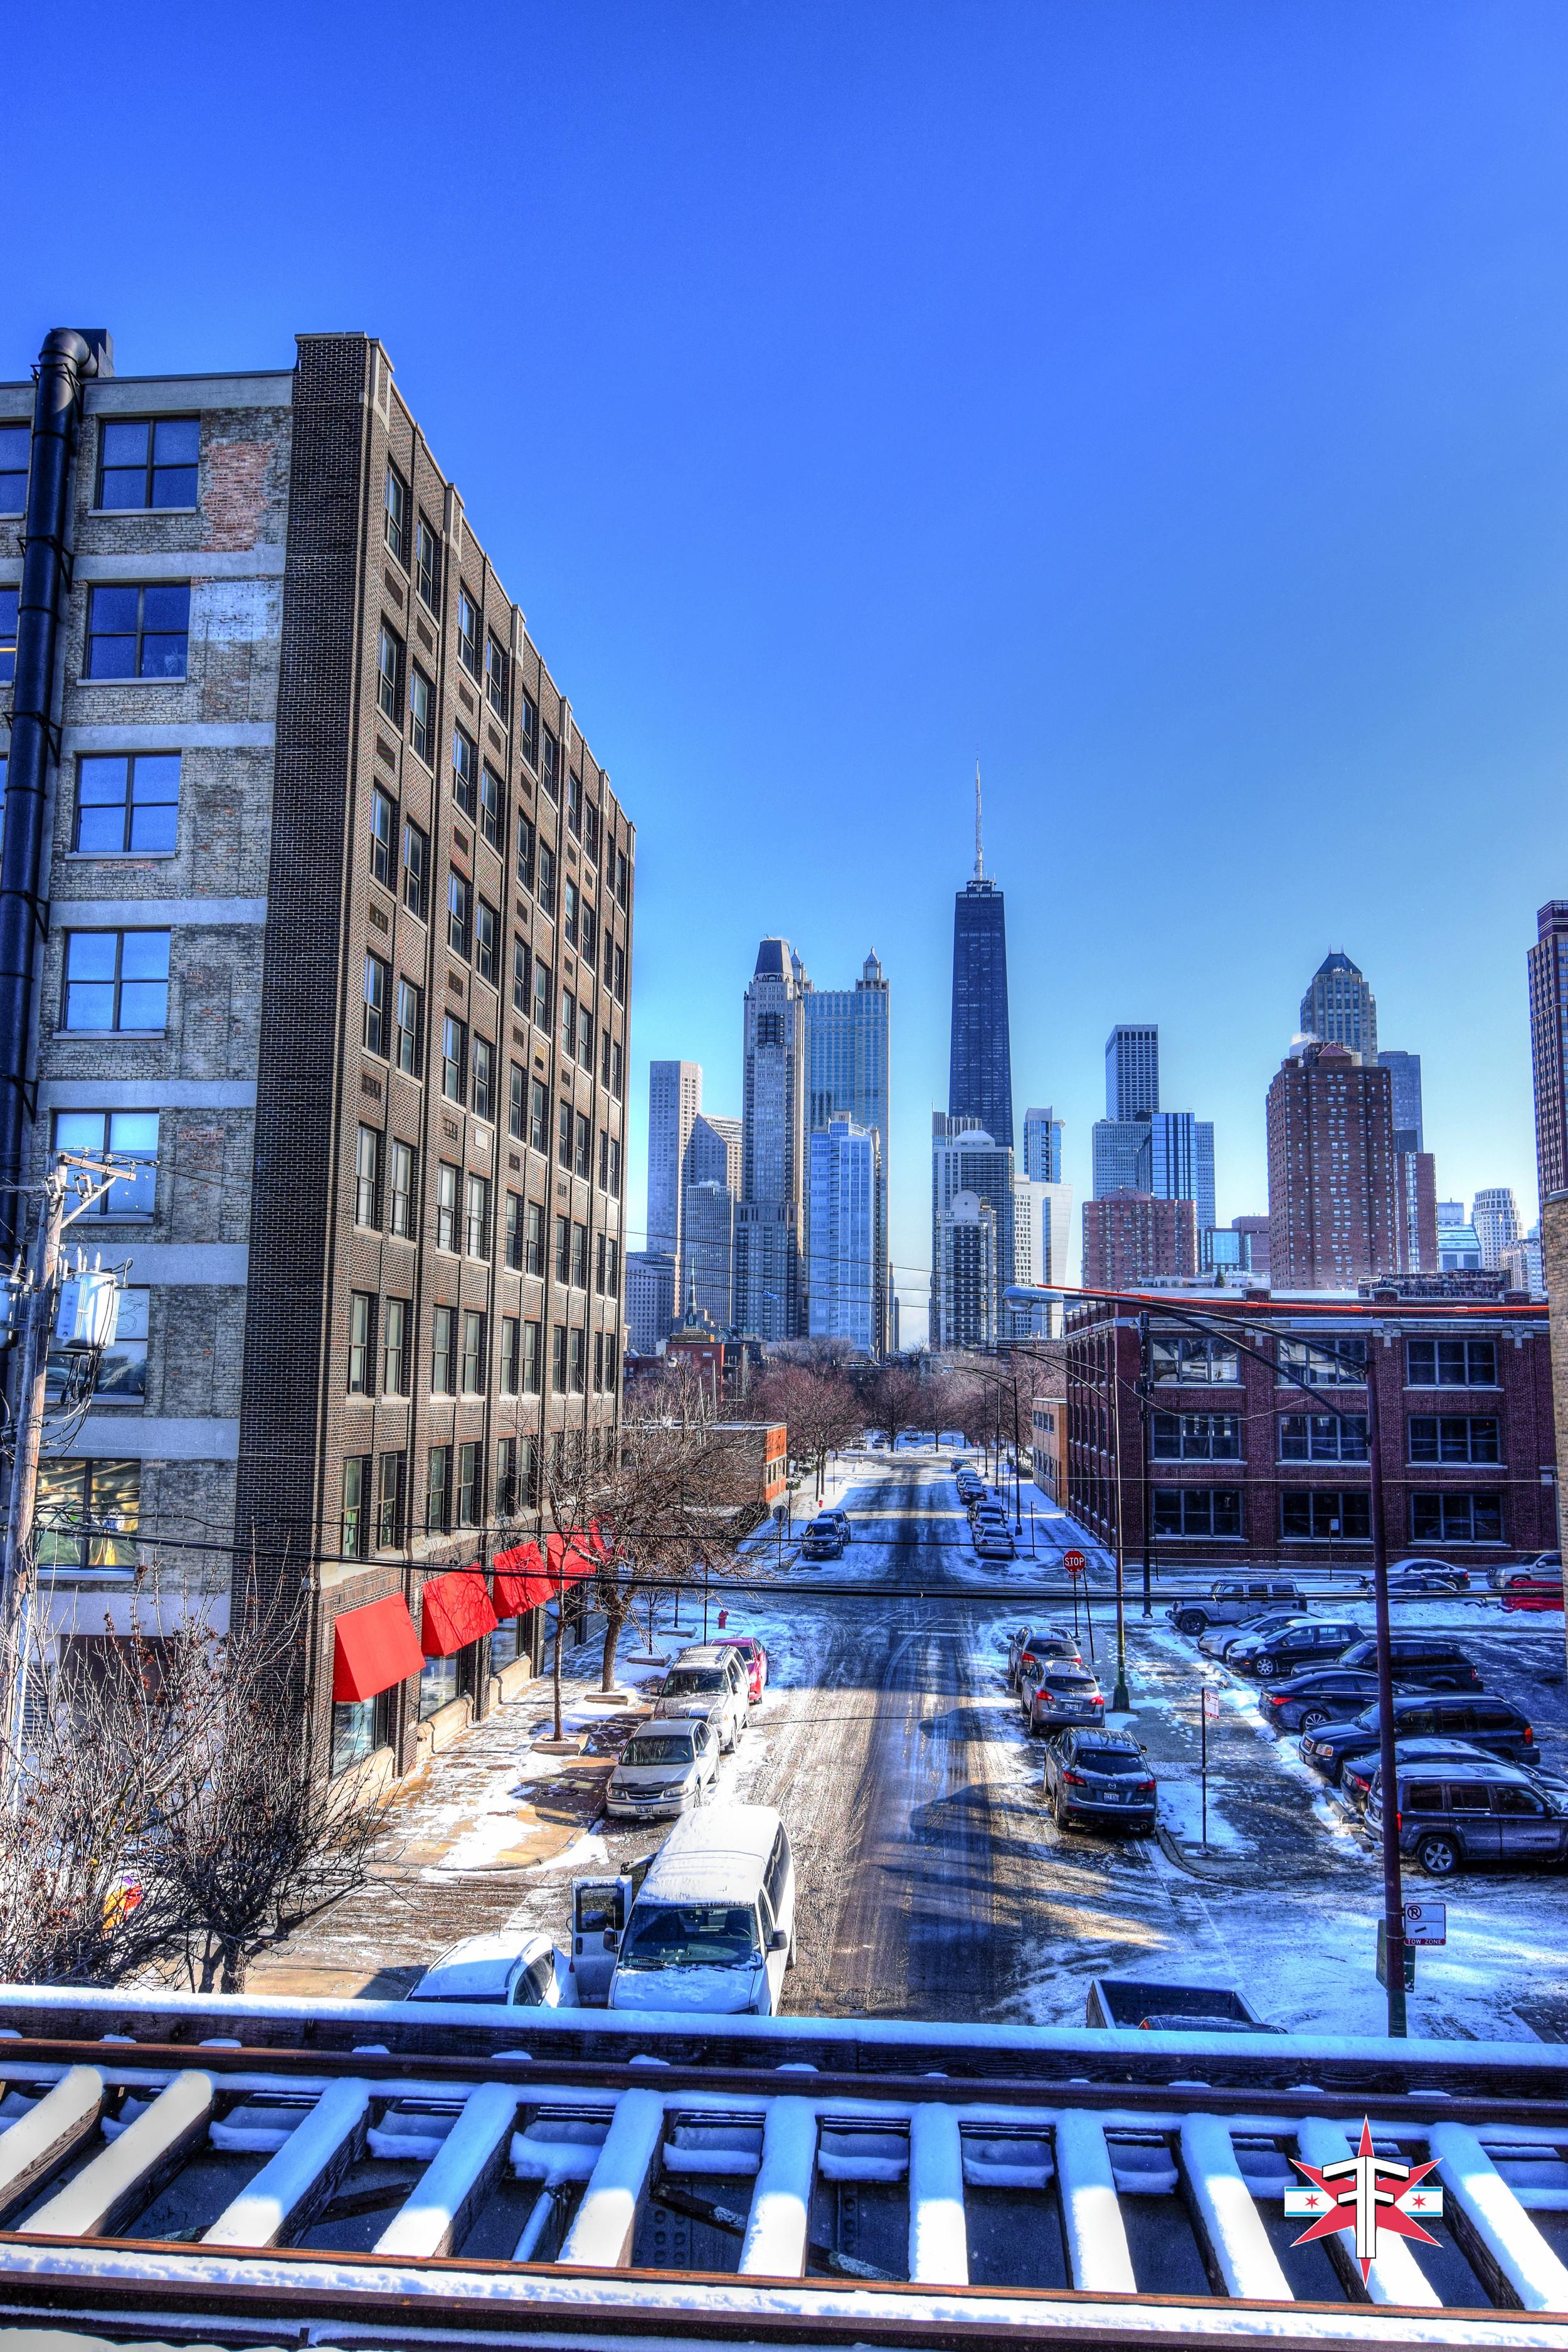 chicago art architecture eric formato photography design arquitectura architettura buildings skyscraper skyscrapers-34.jpg